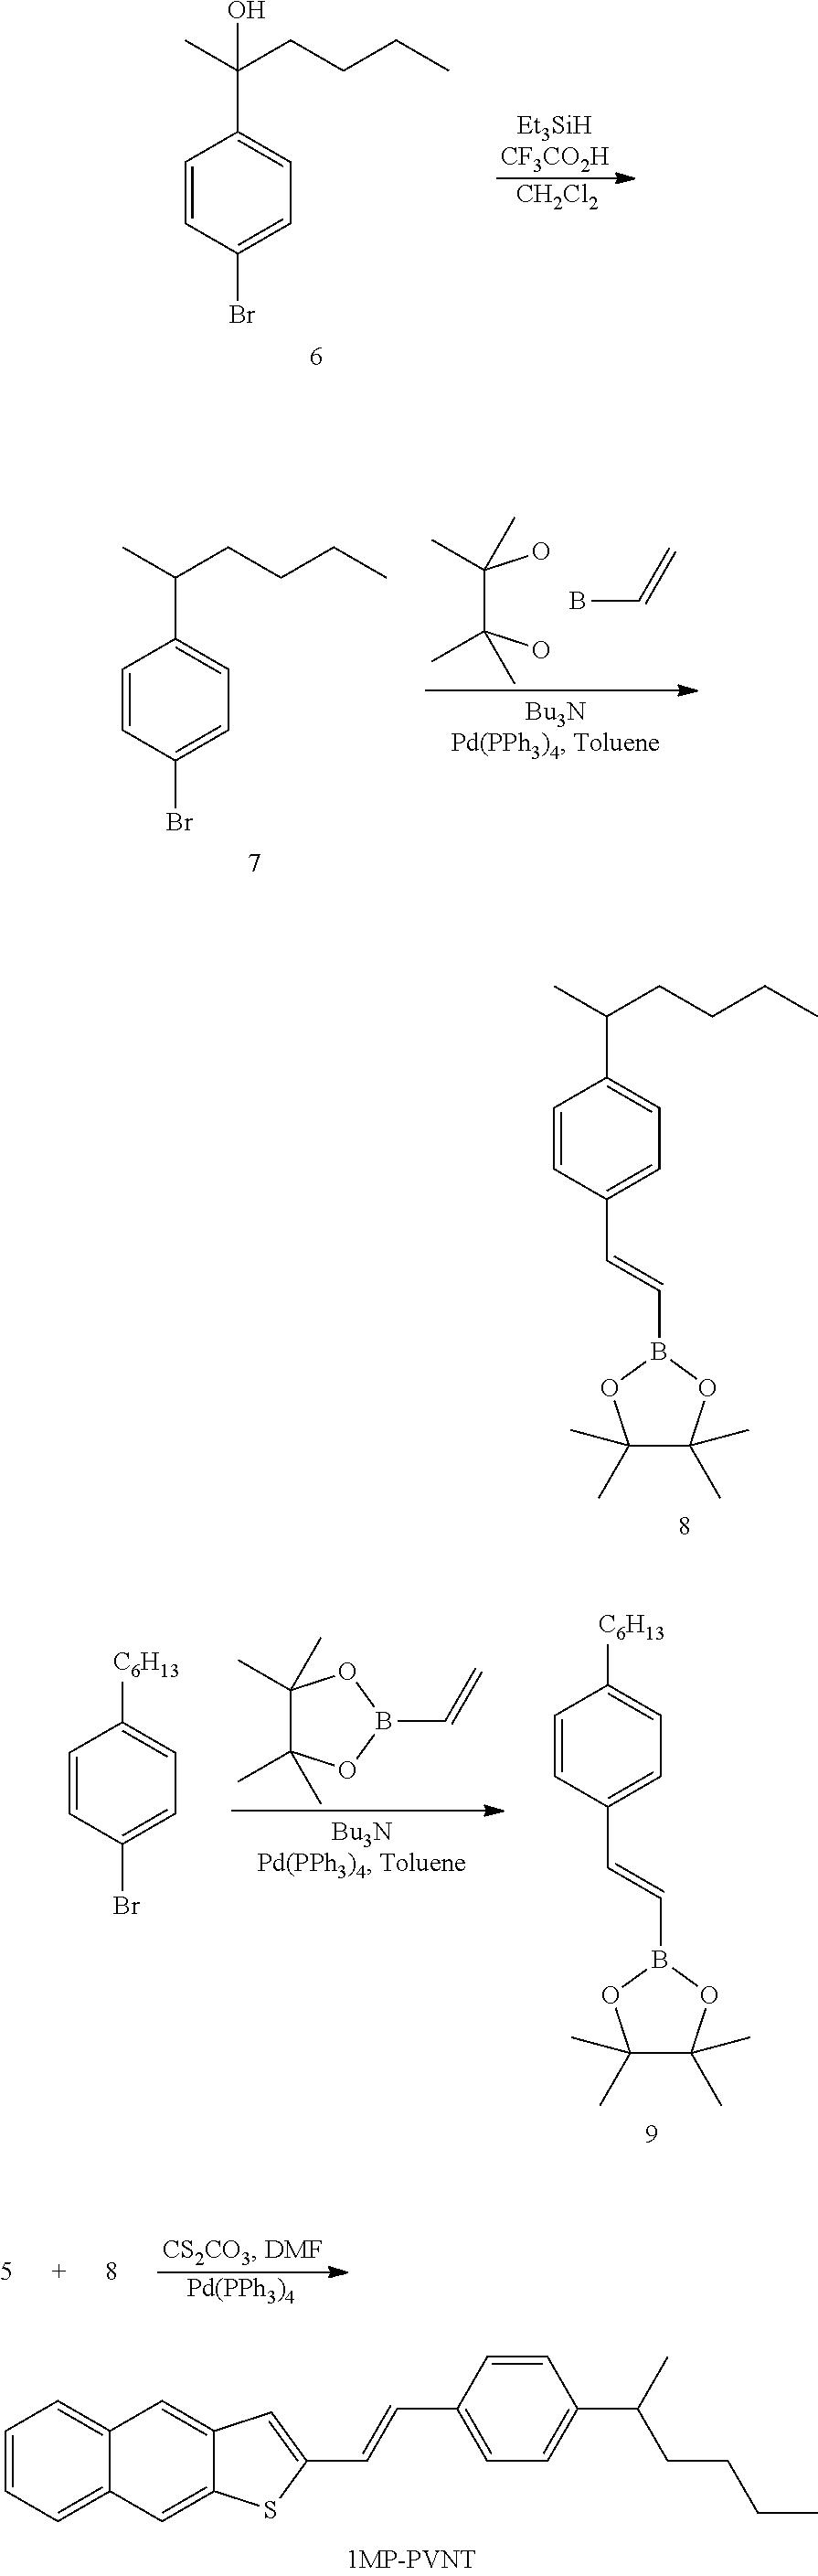 Figure US09312501-20160412-C00015